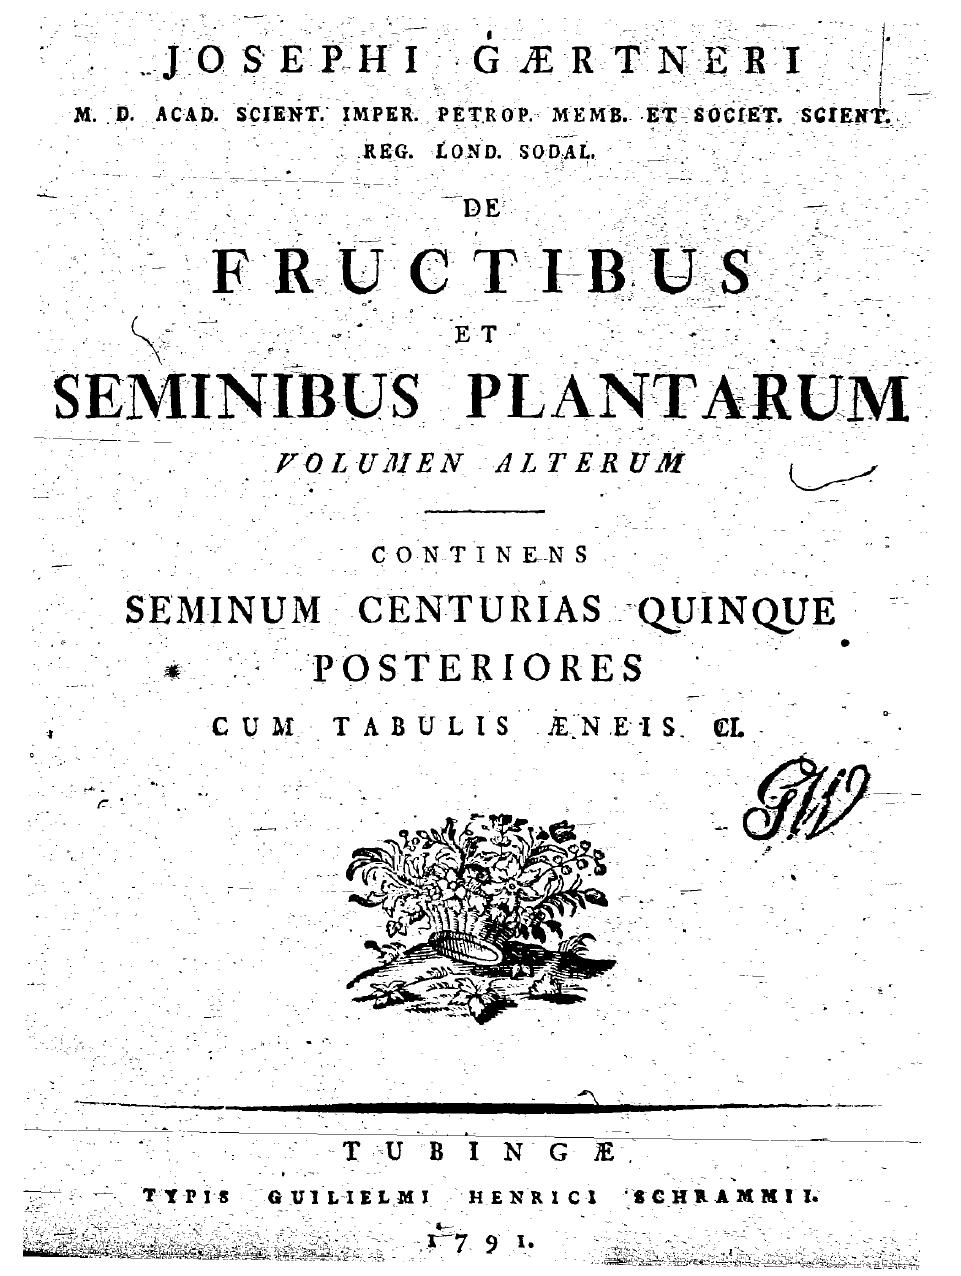 De fructibus et seminibus plantarum online dating